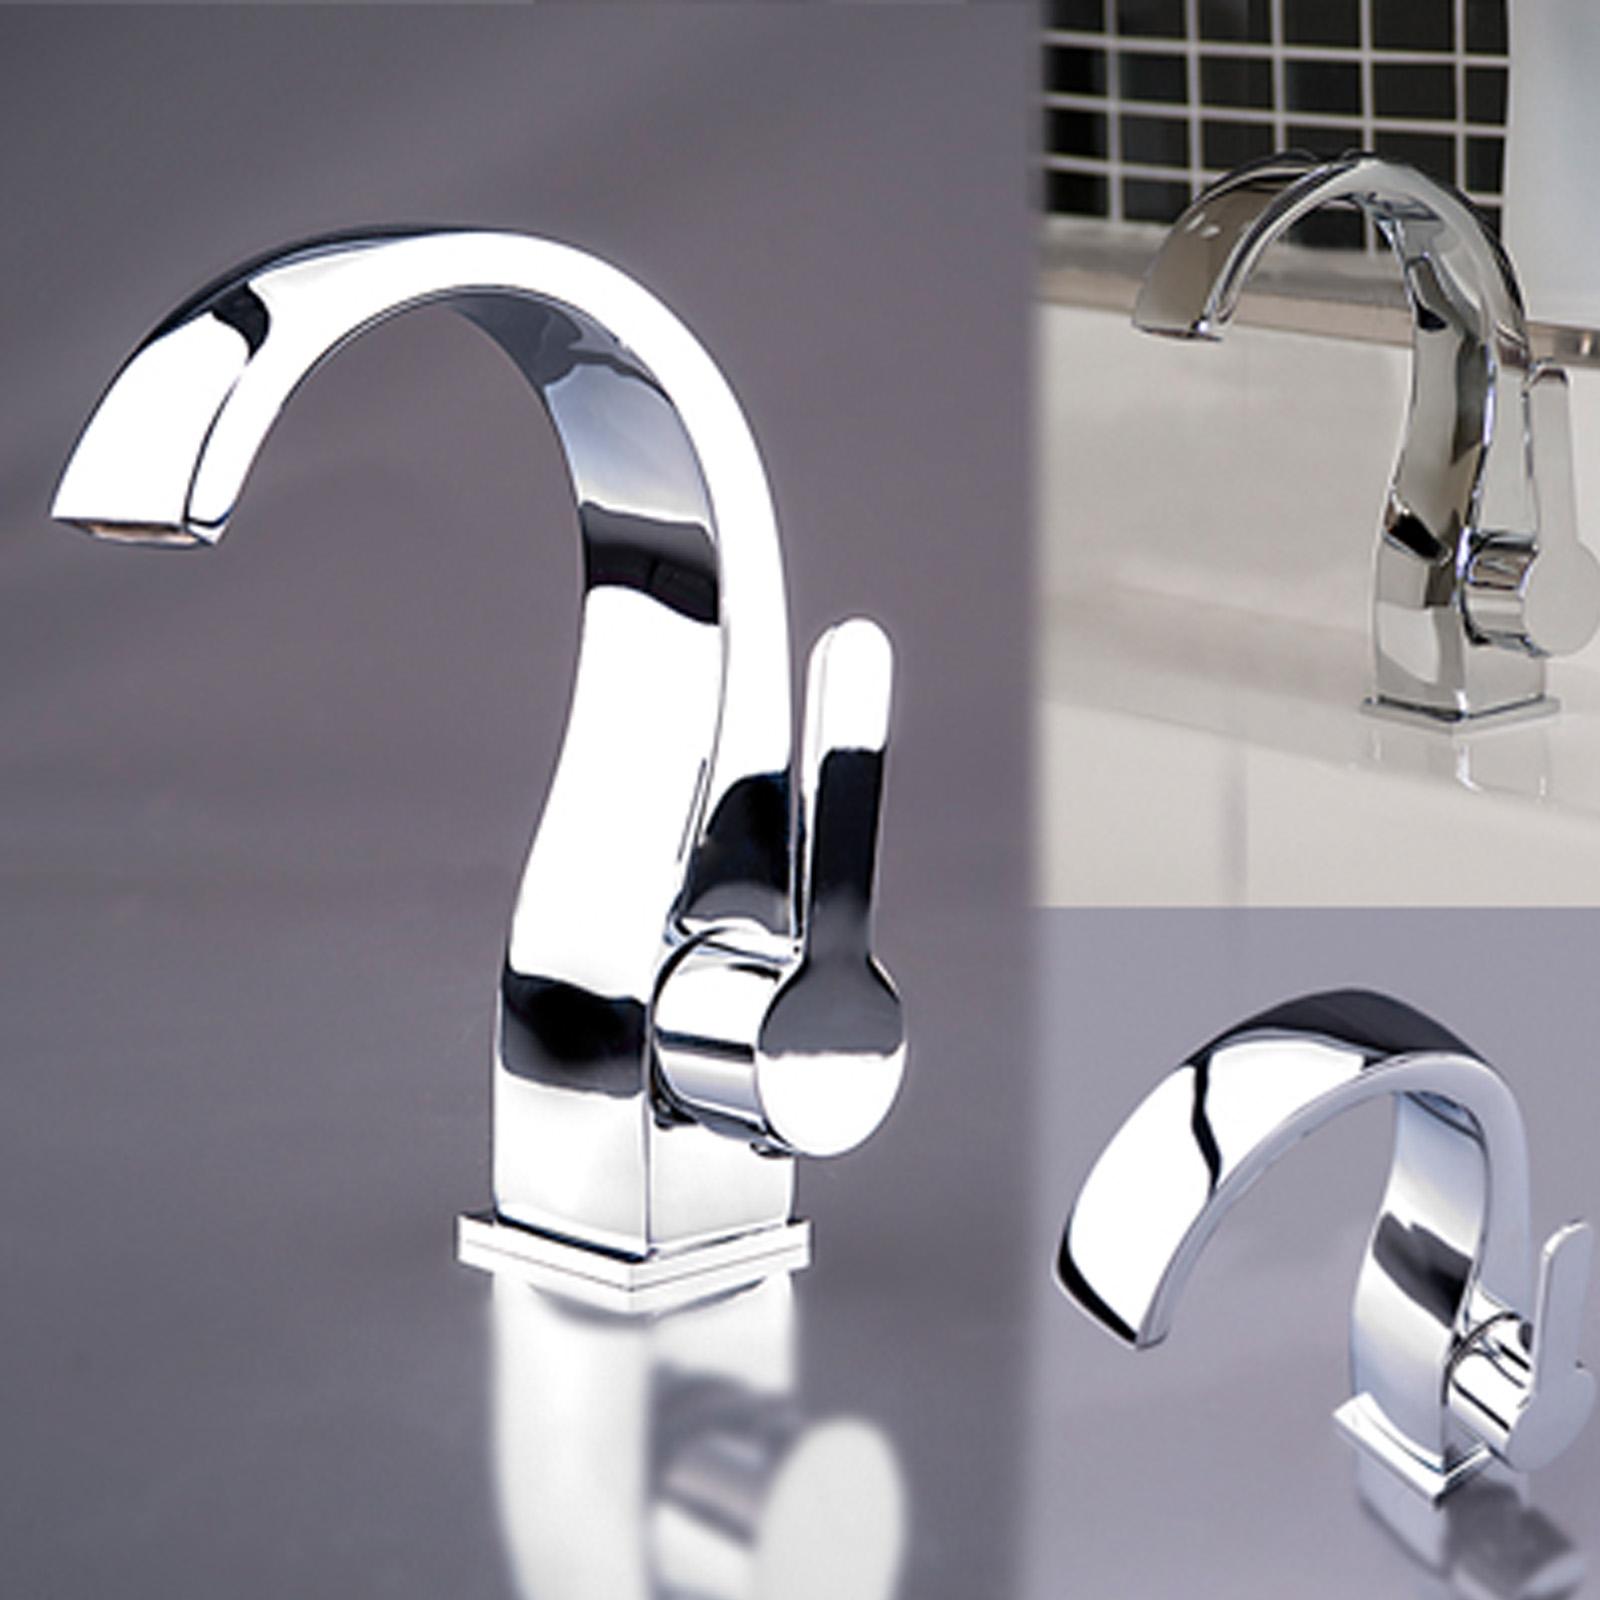 Hervorragend Badezimmer Armaturen Grohe Ersatzteile IV04